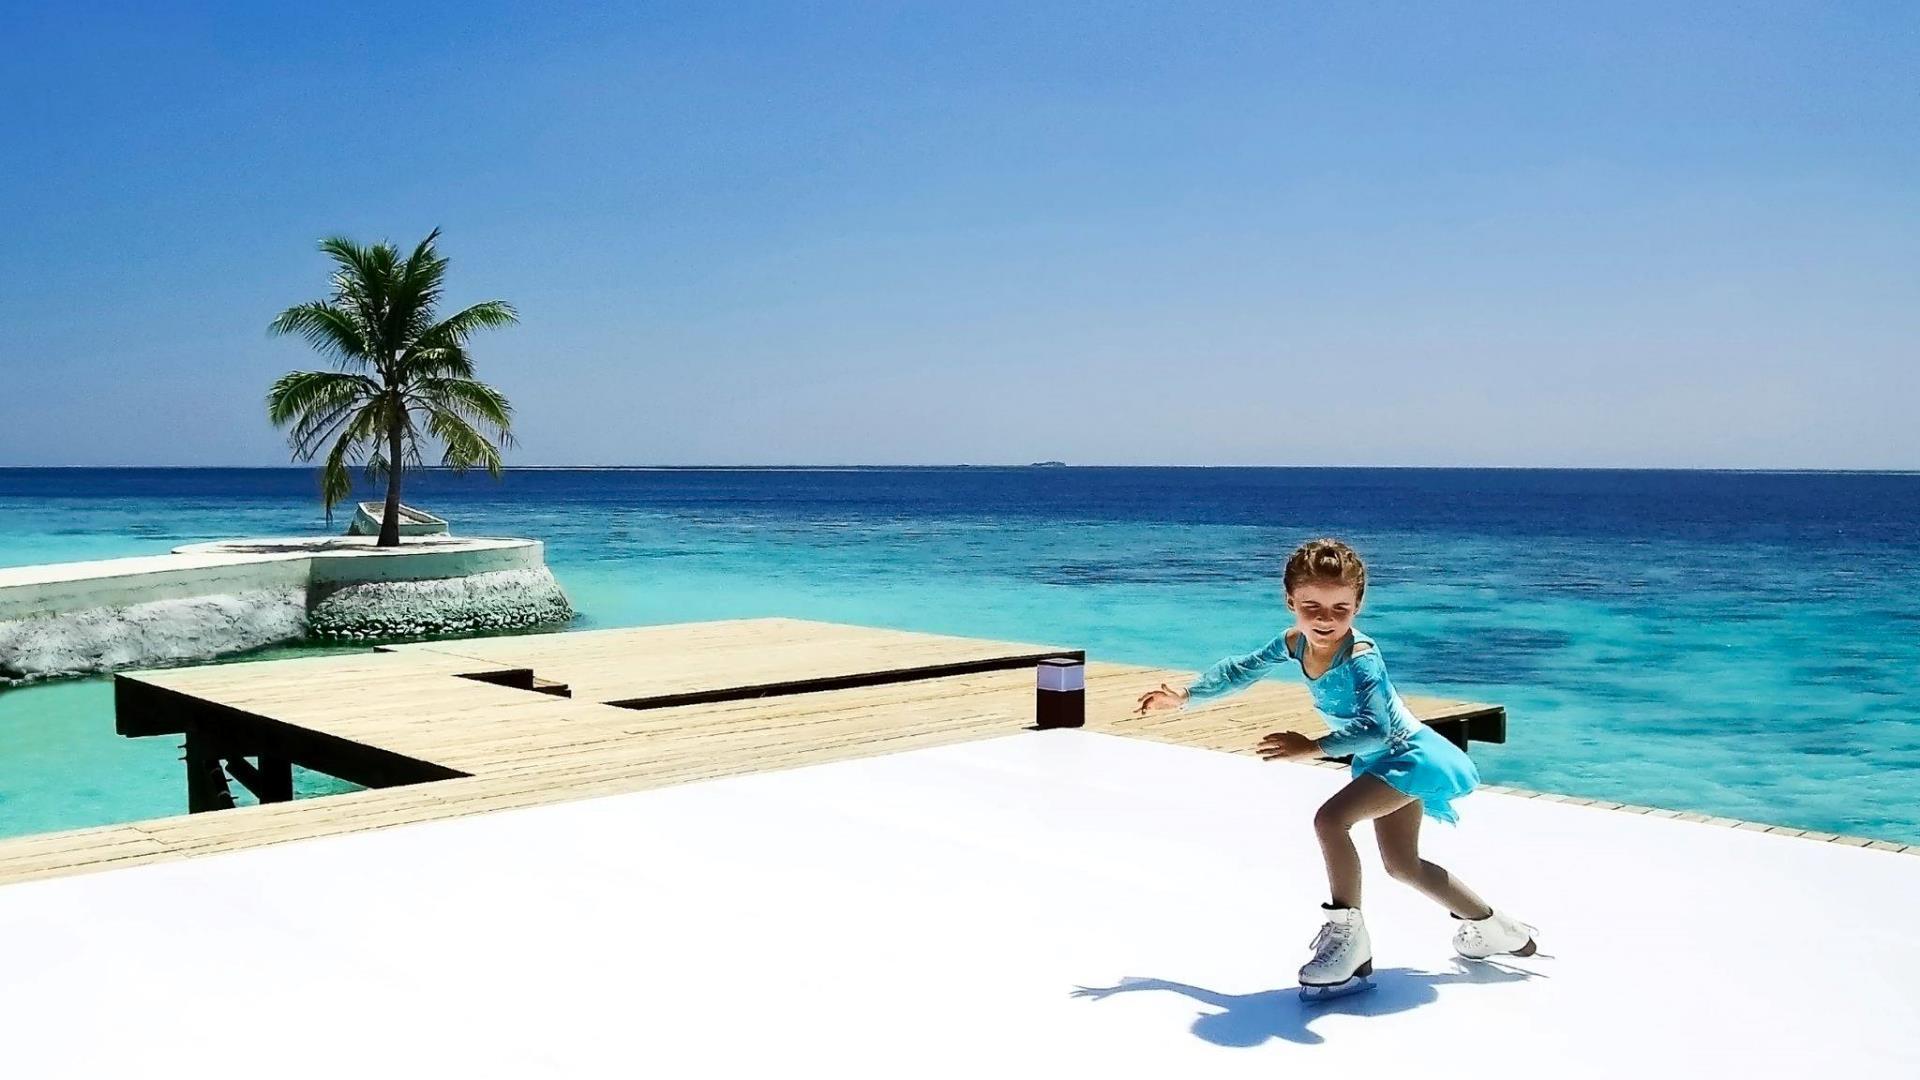 Abren la primera pista de hielo frente al mar en Maldivas